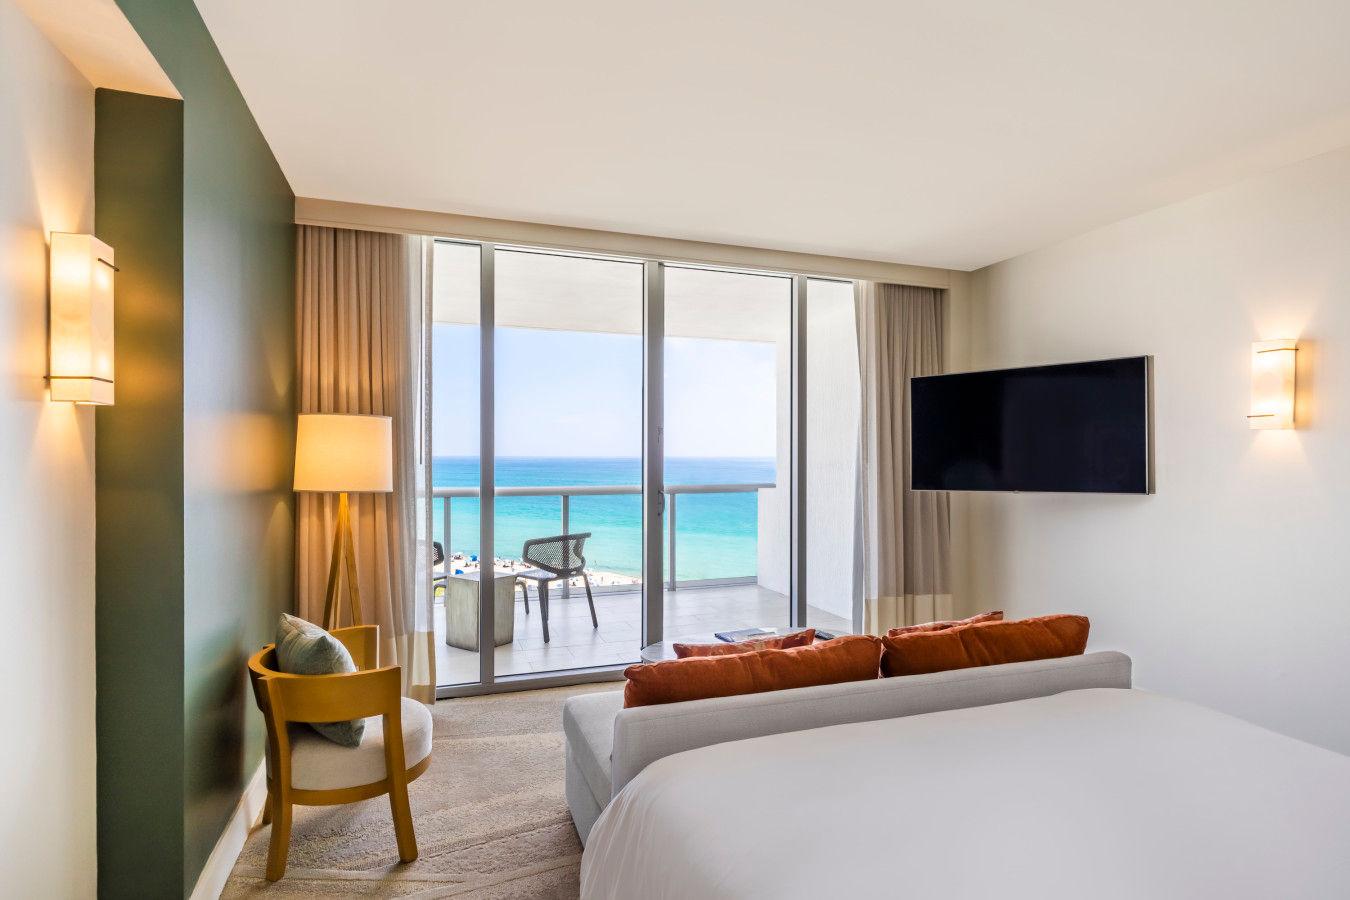 """Полулюкс с кроватью размера """"king-size"""" и видом на океан - Eden Roc Miami Beach"""